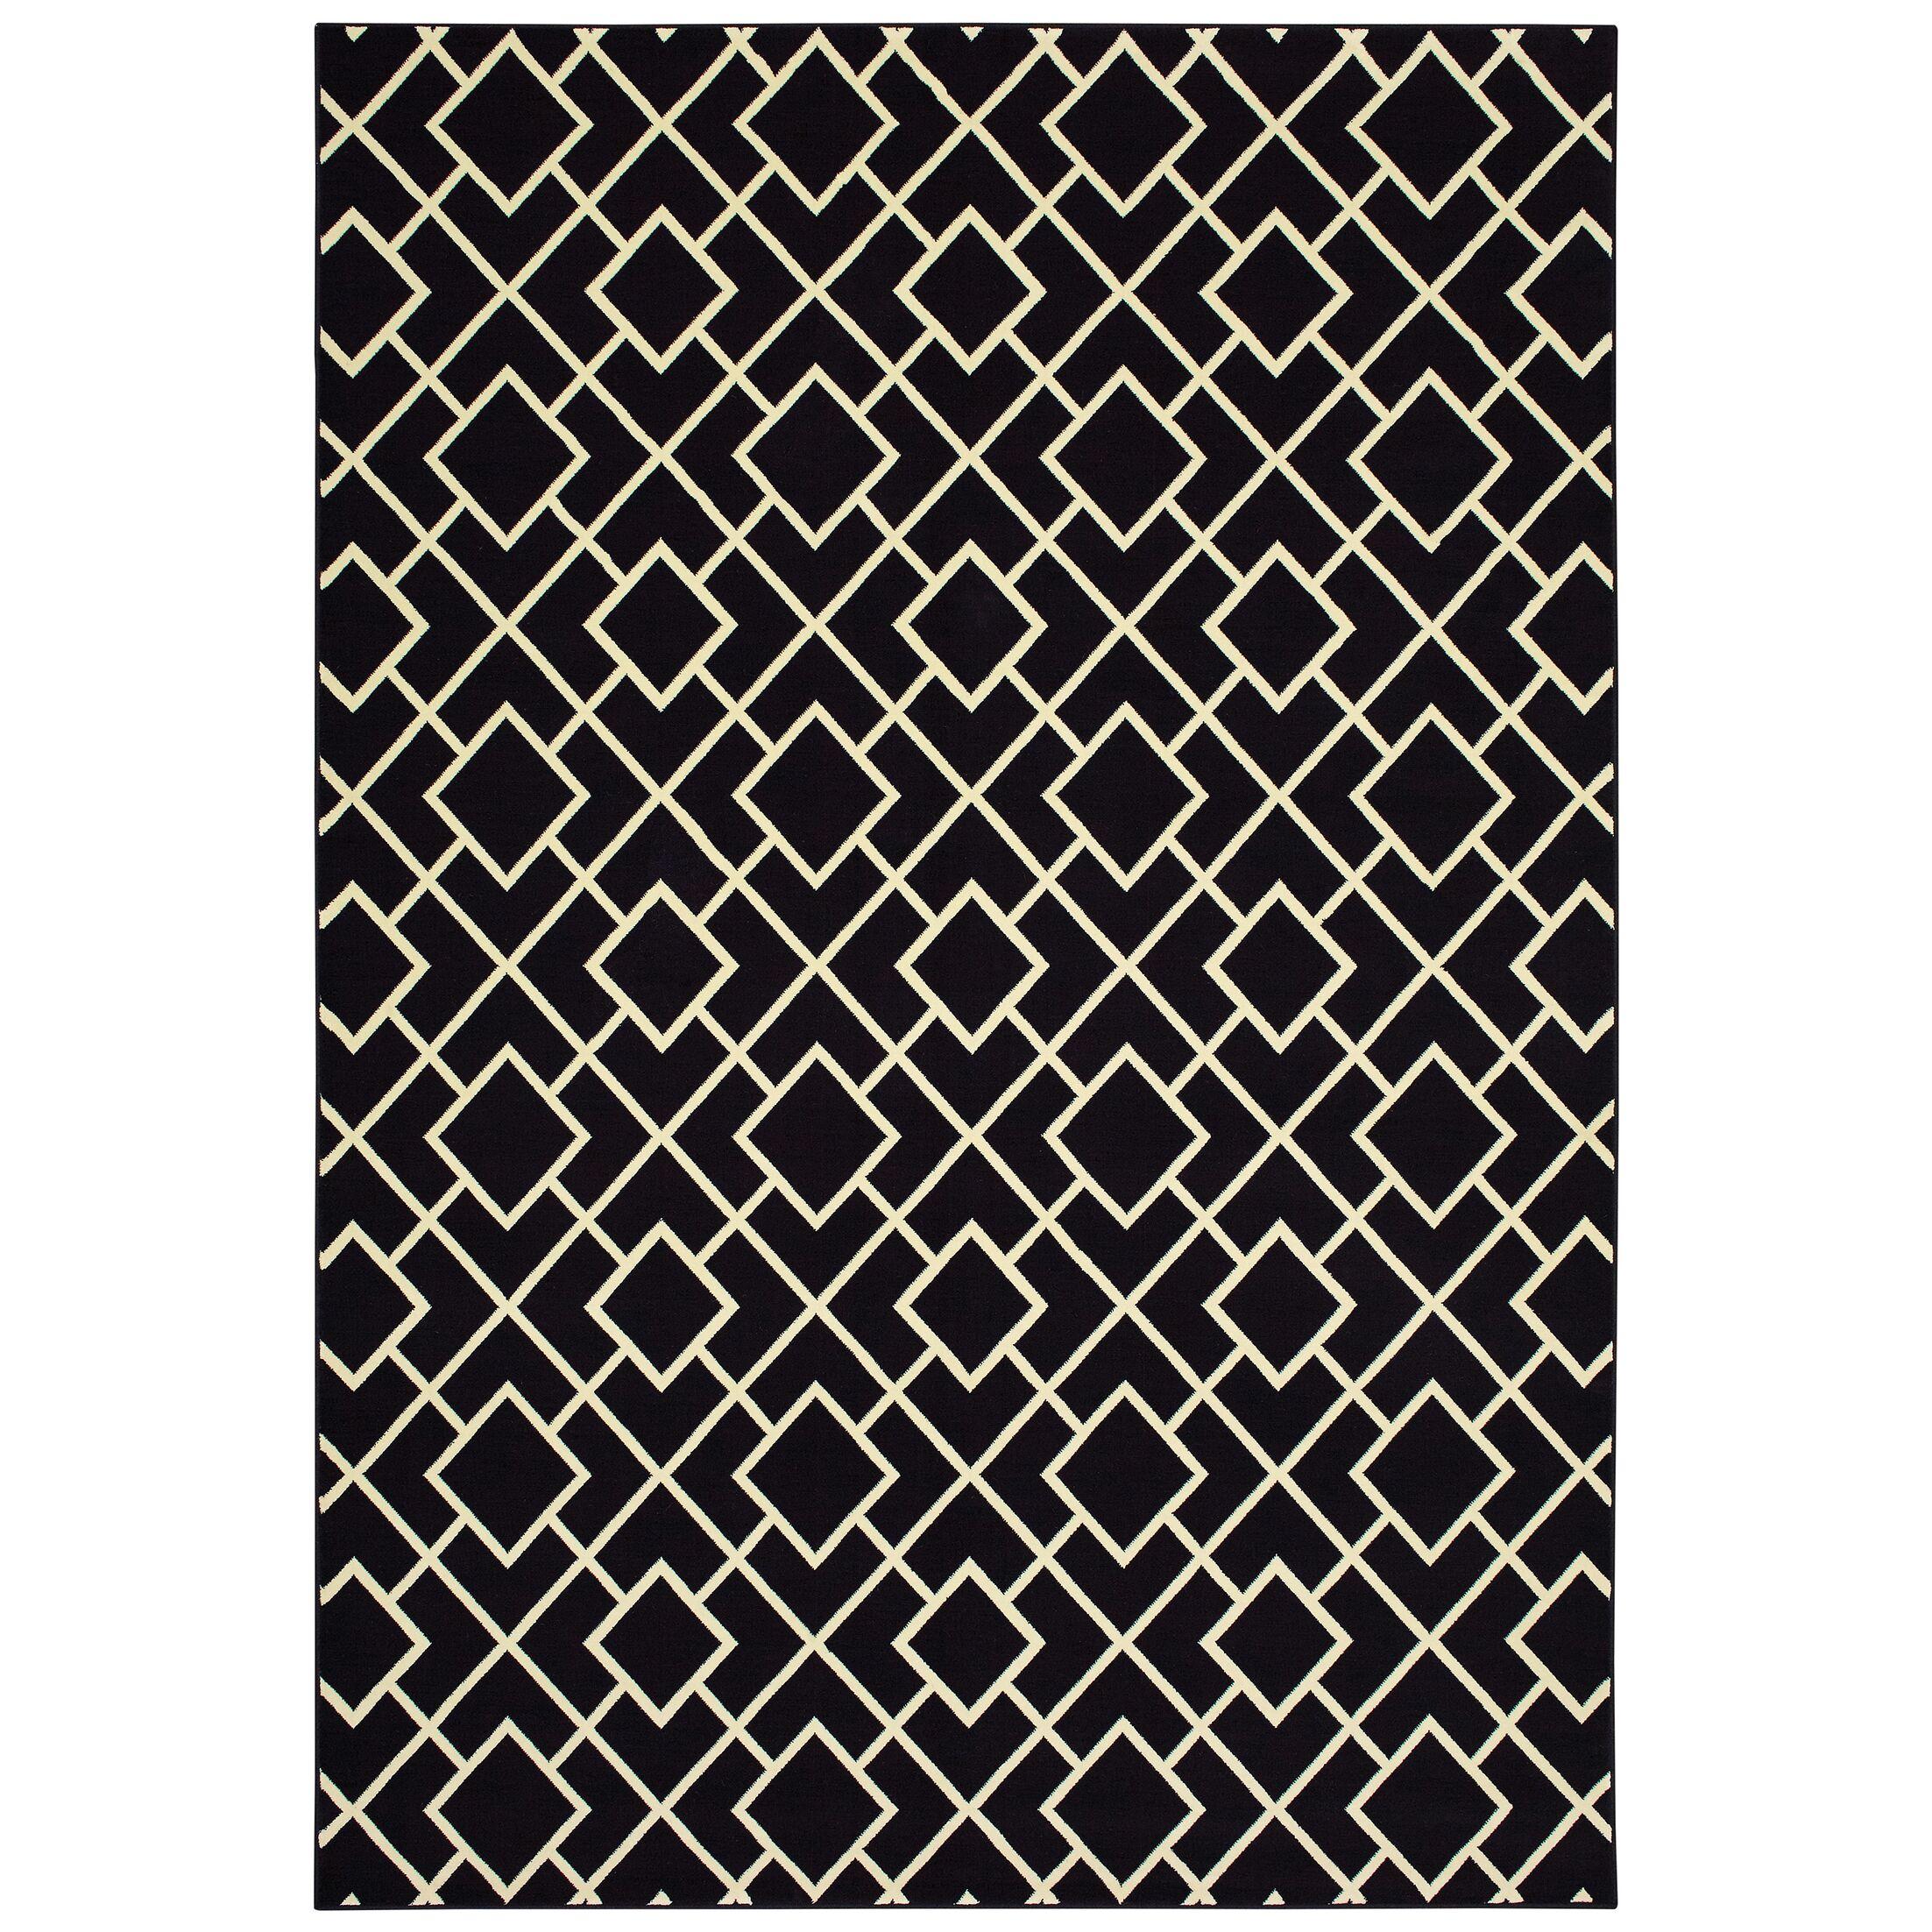 Hedden Lattice Black/Beige Area Rug Rug Size: Rectangle 7'10